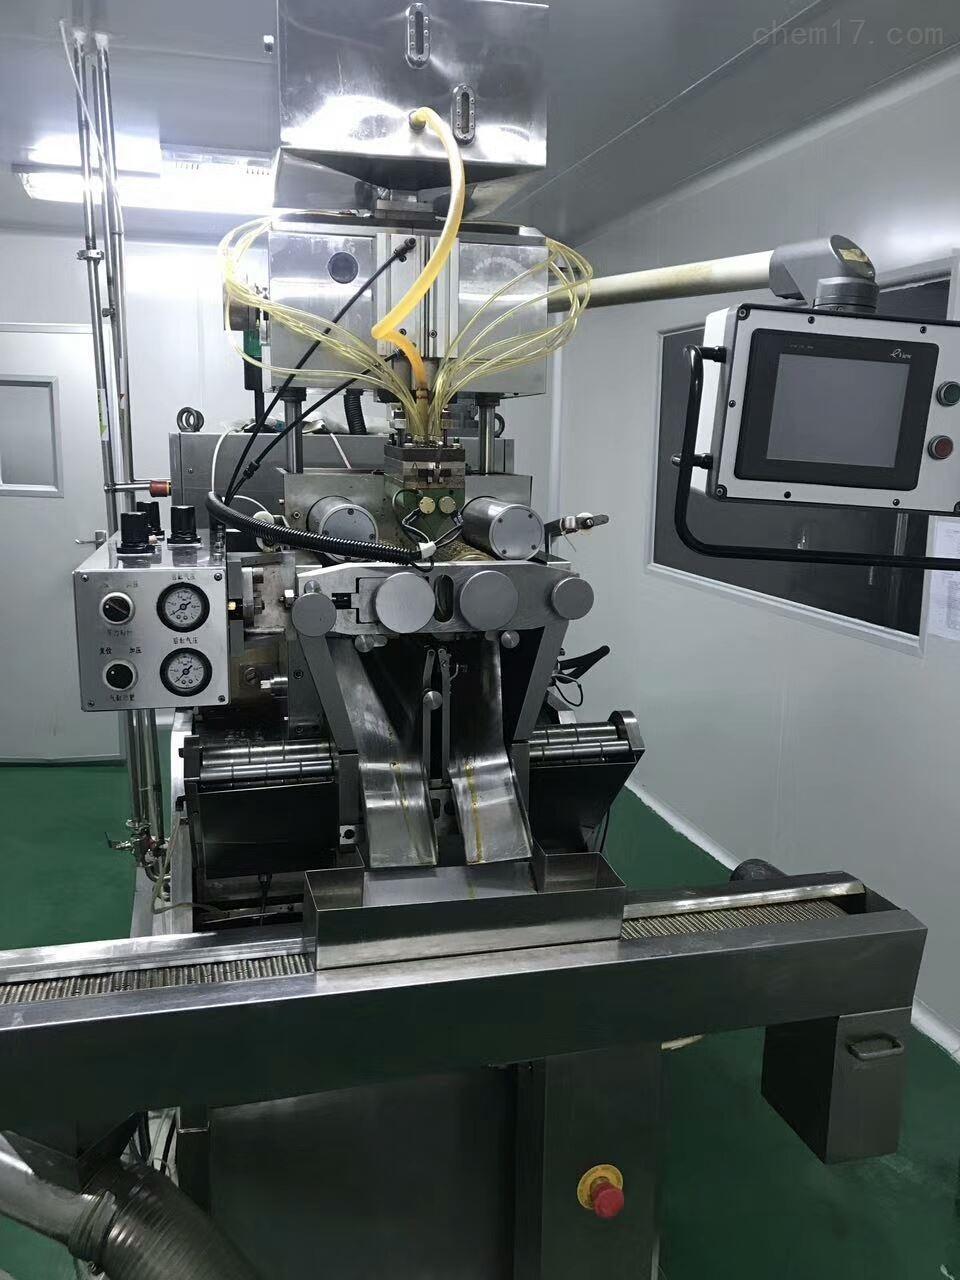 二手制药实验室仪器回收在线咨询